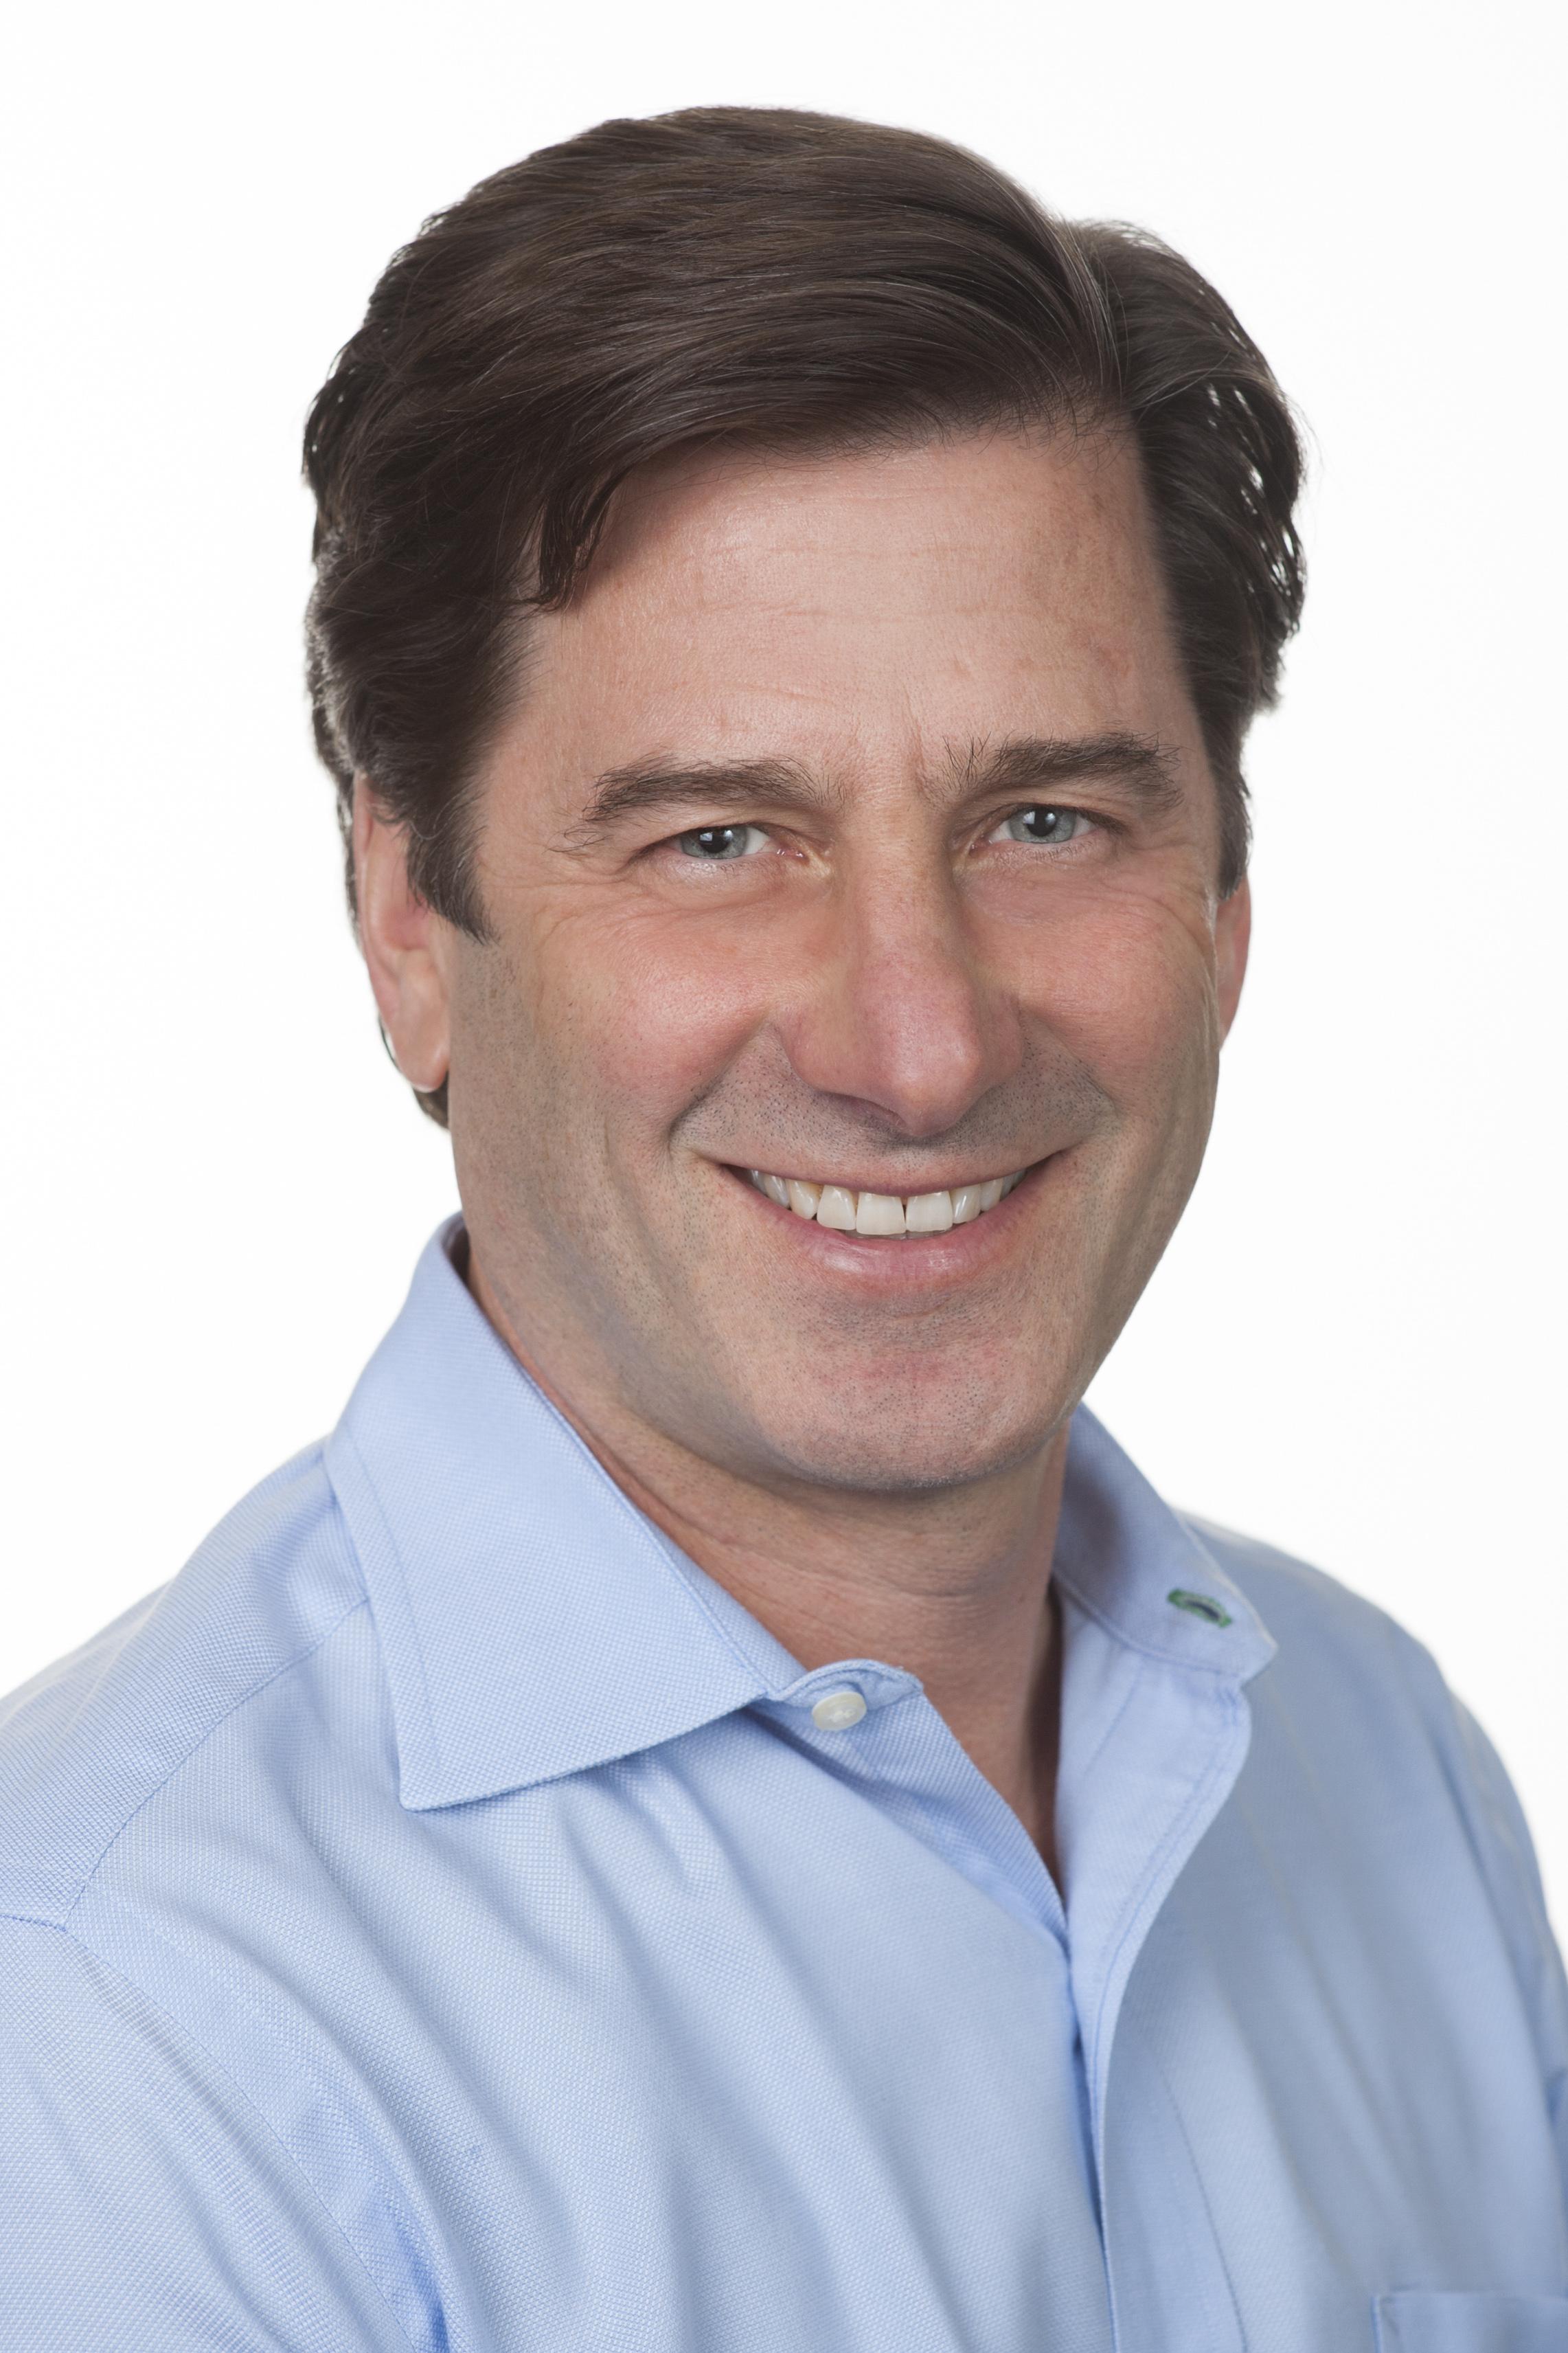 Paul Segre, Genesys CEO